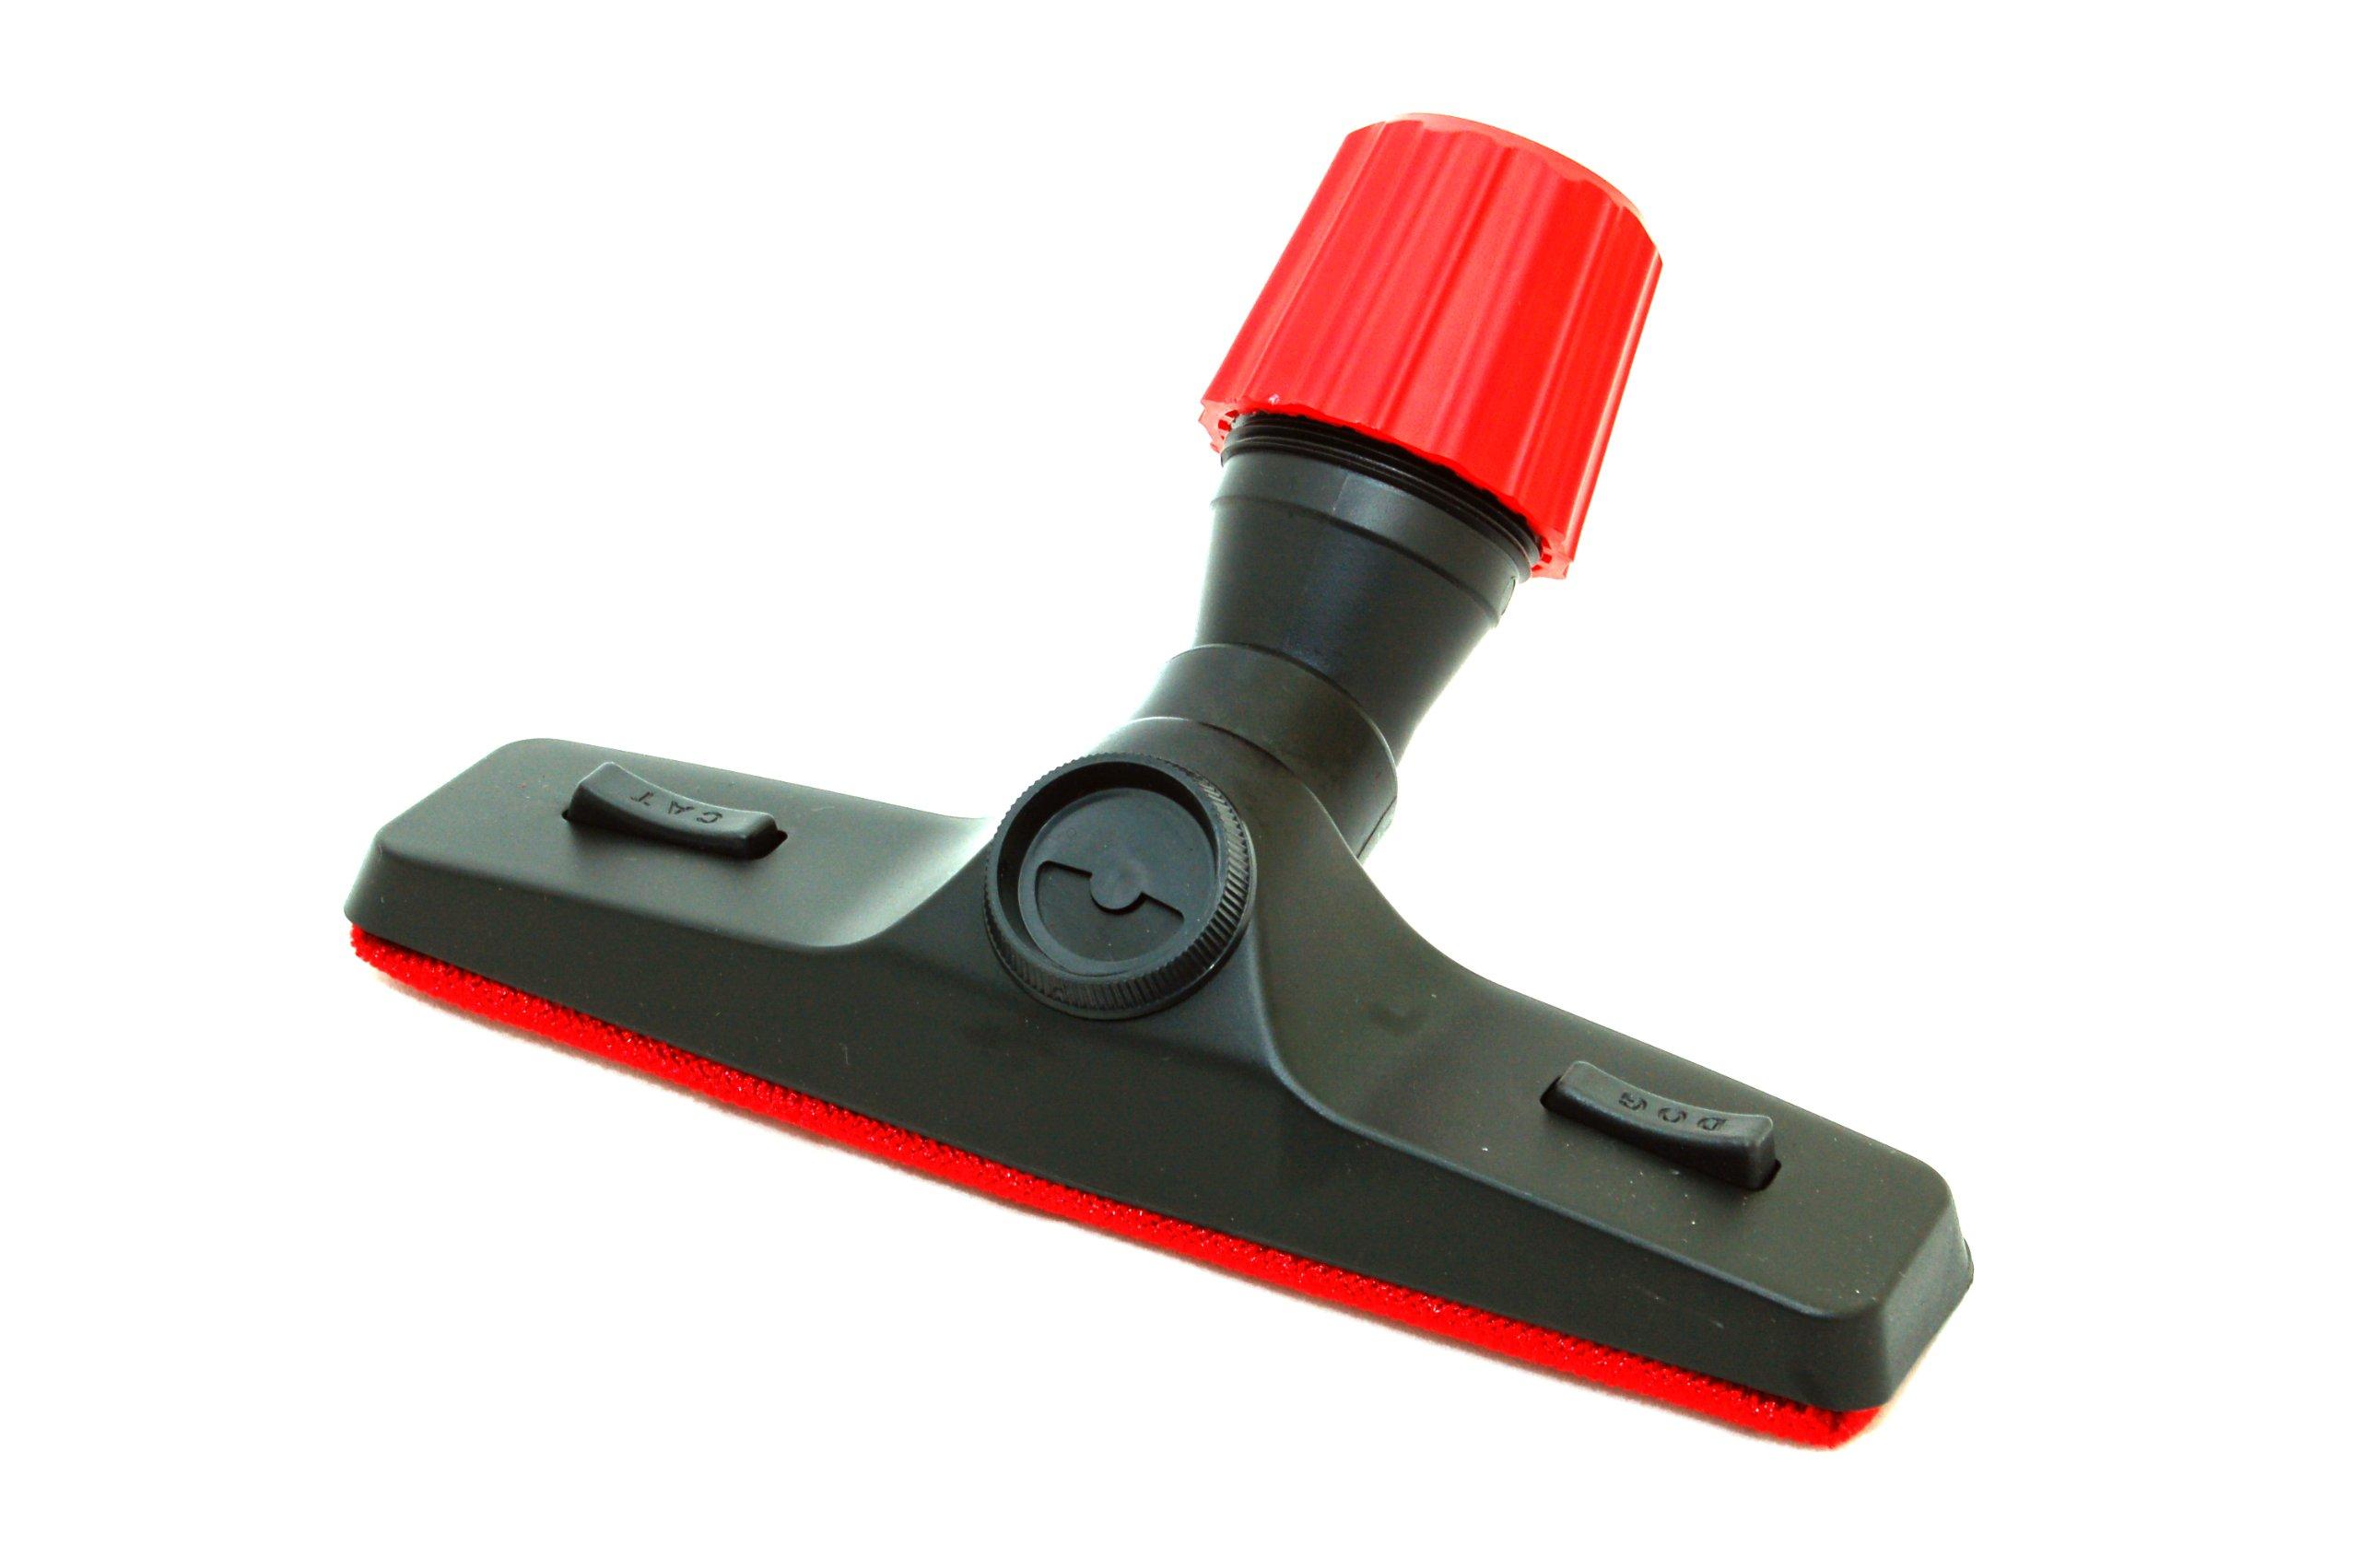 Universal Vacuum Cleaner Adjustable Pet Hair Floortool